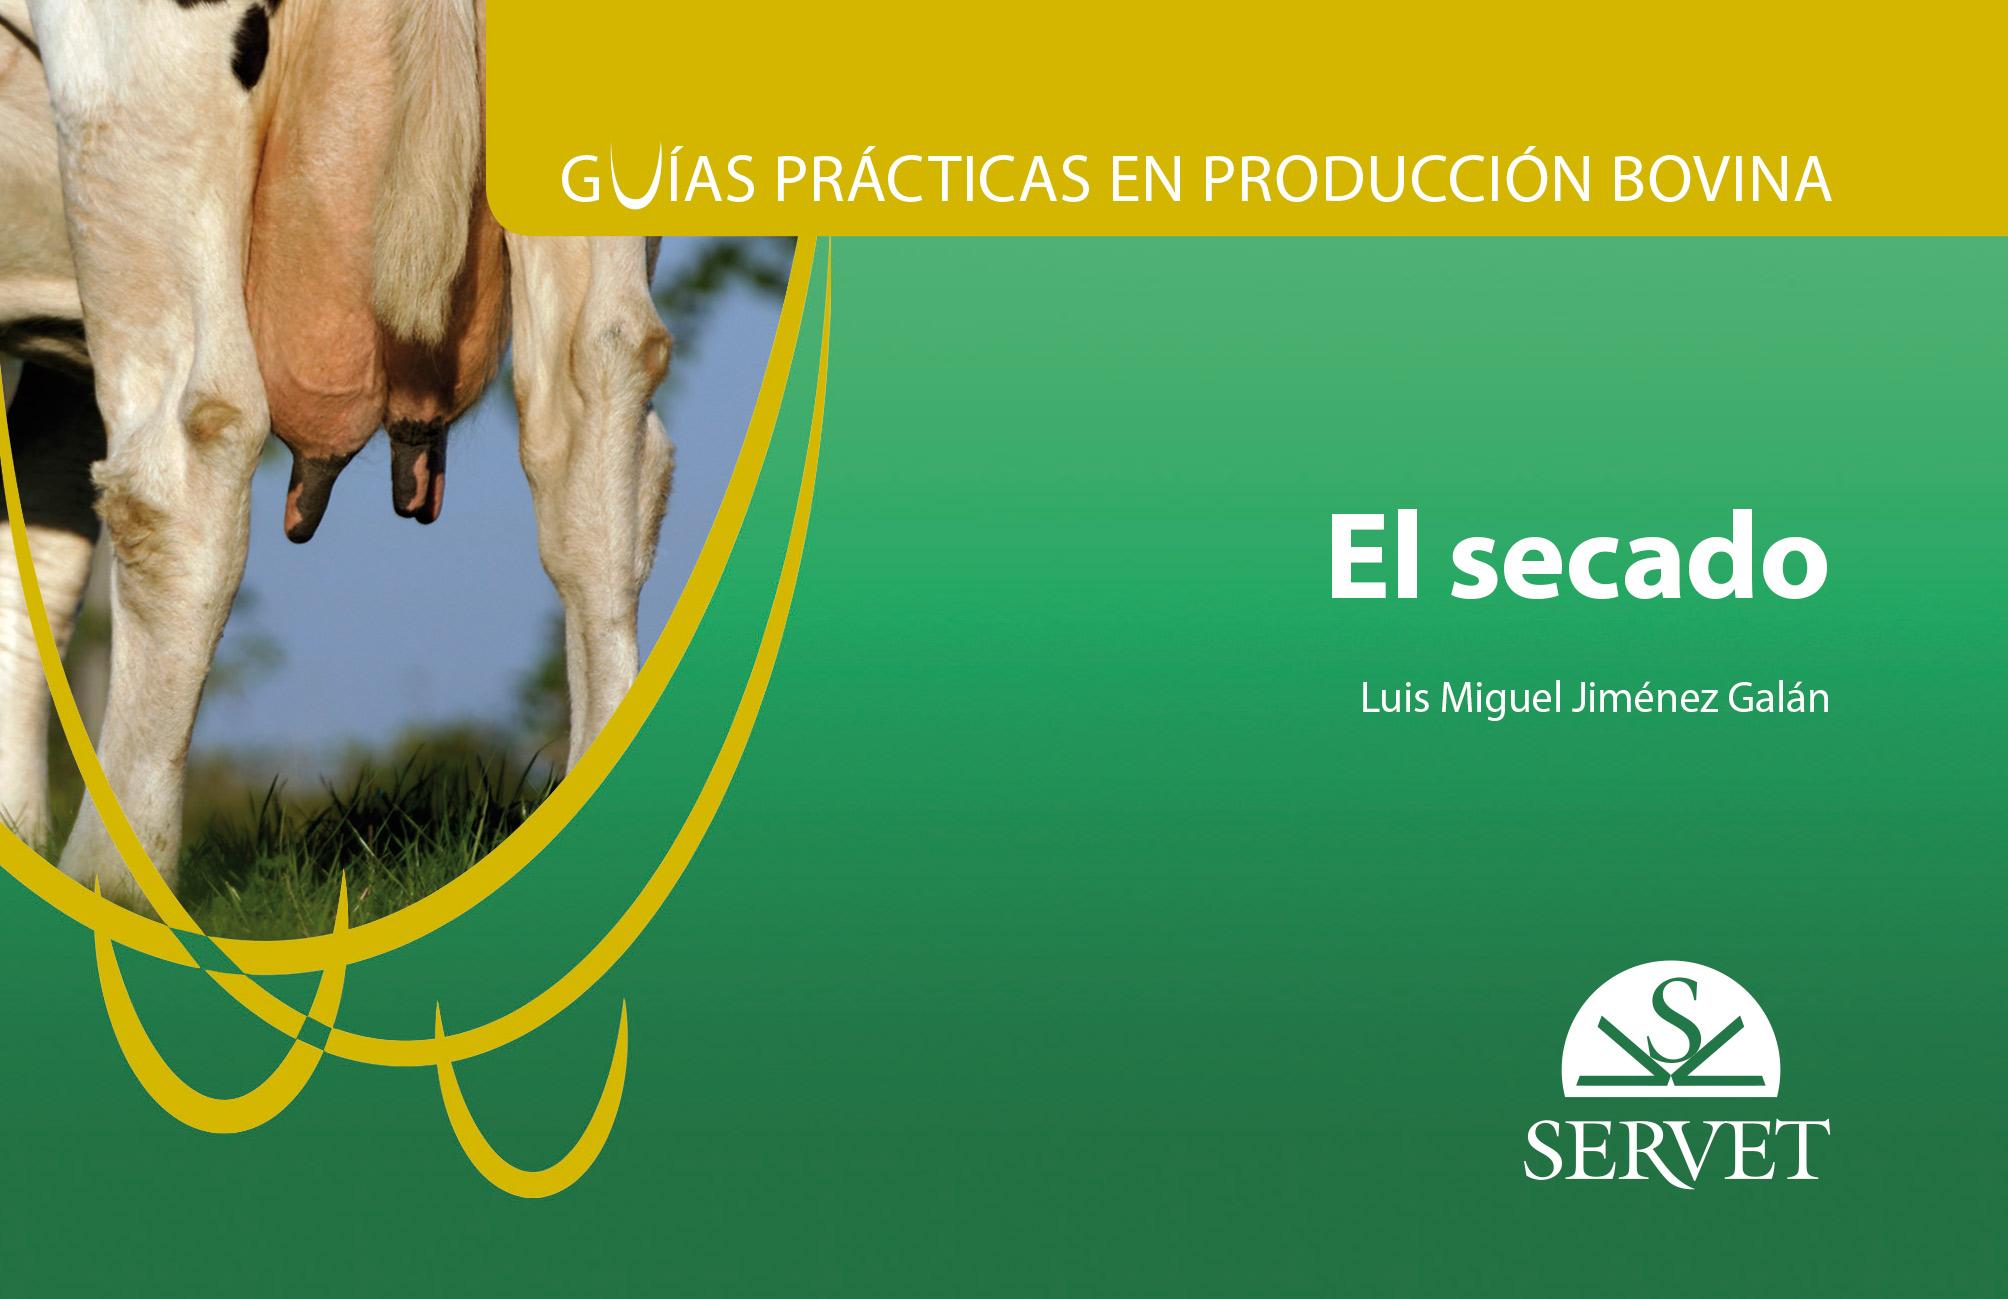 Guas prácticas en producción bovina. El secado